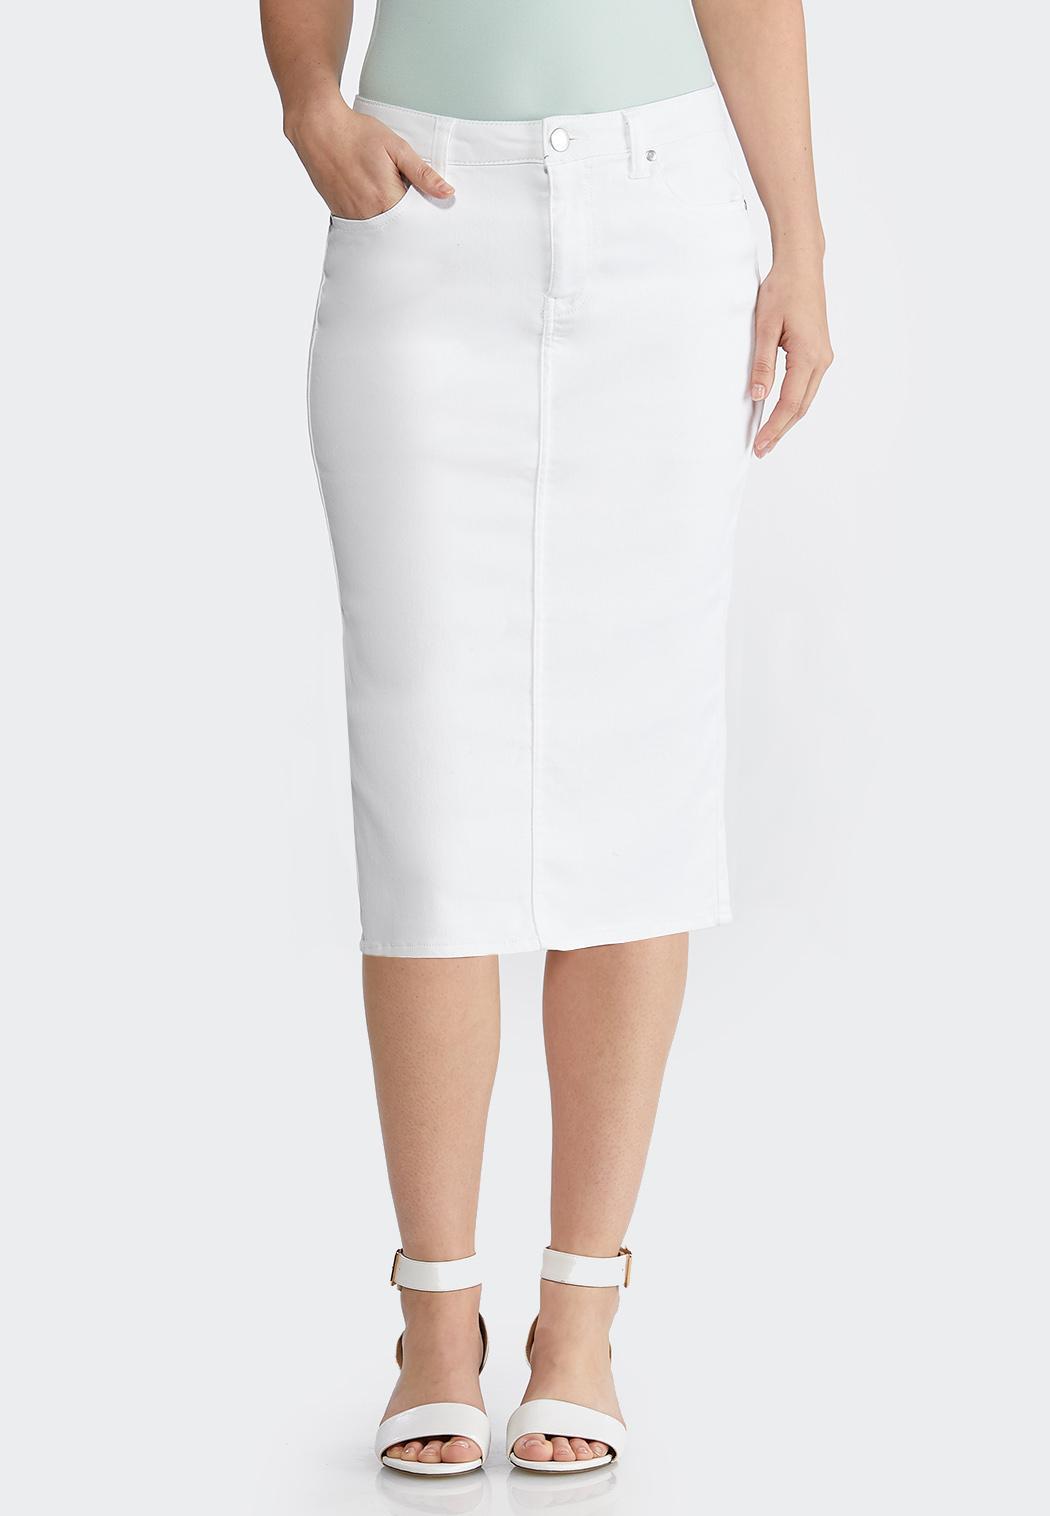 0e6ee0cf38 Plus Size White Denim Skirt Skirts Cato Fashions